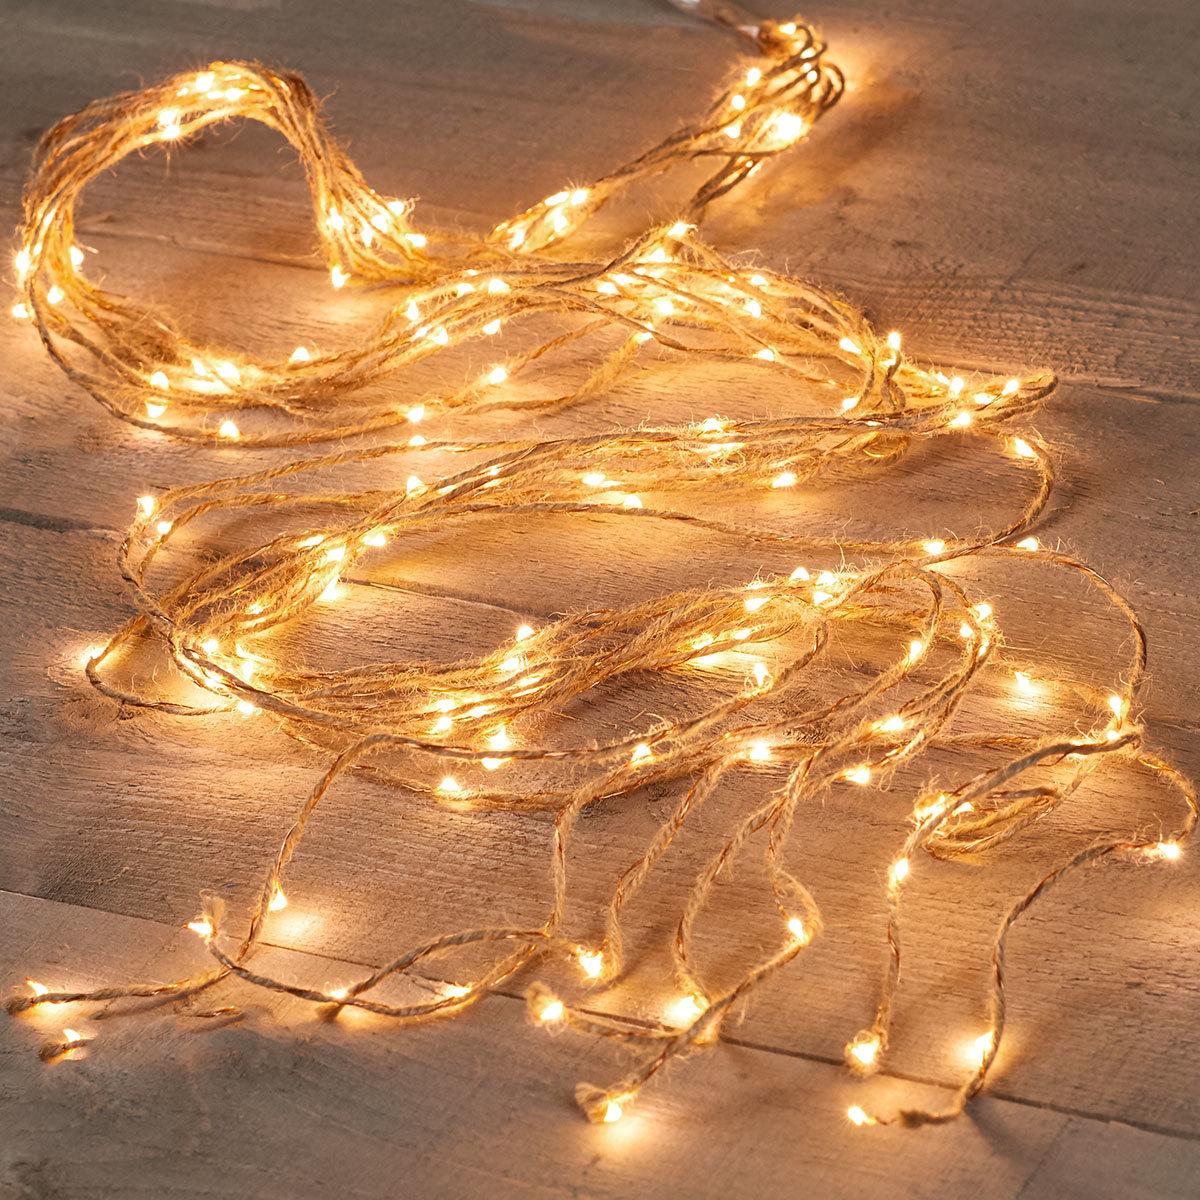 LED-Lichterkette Jute-Kupferdraht, 2 m